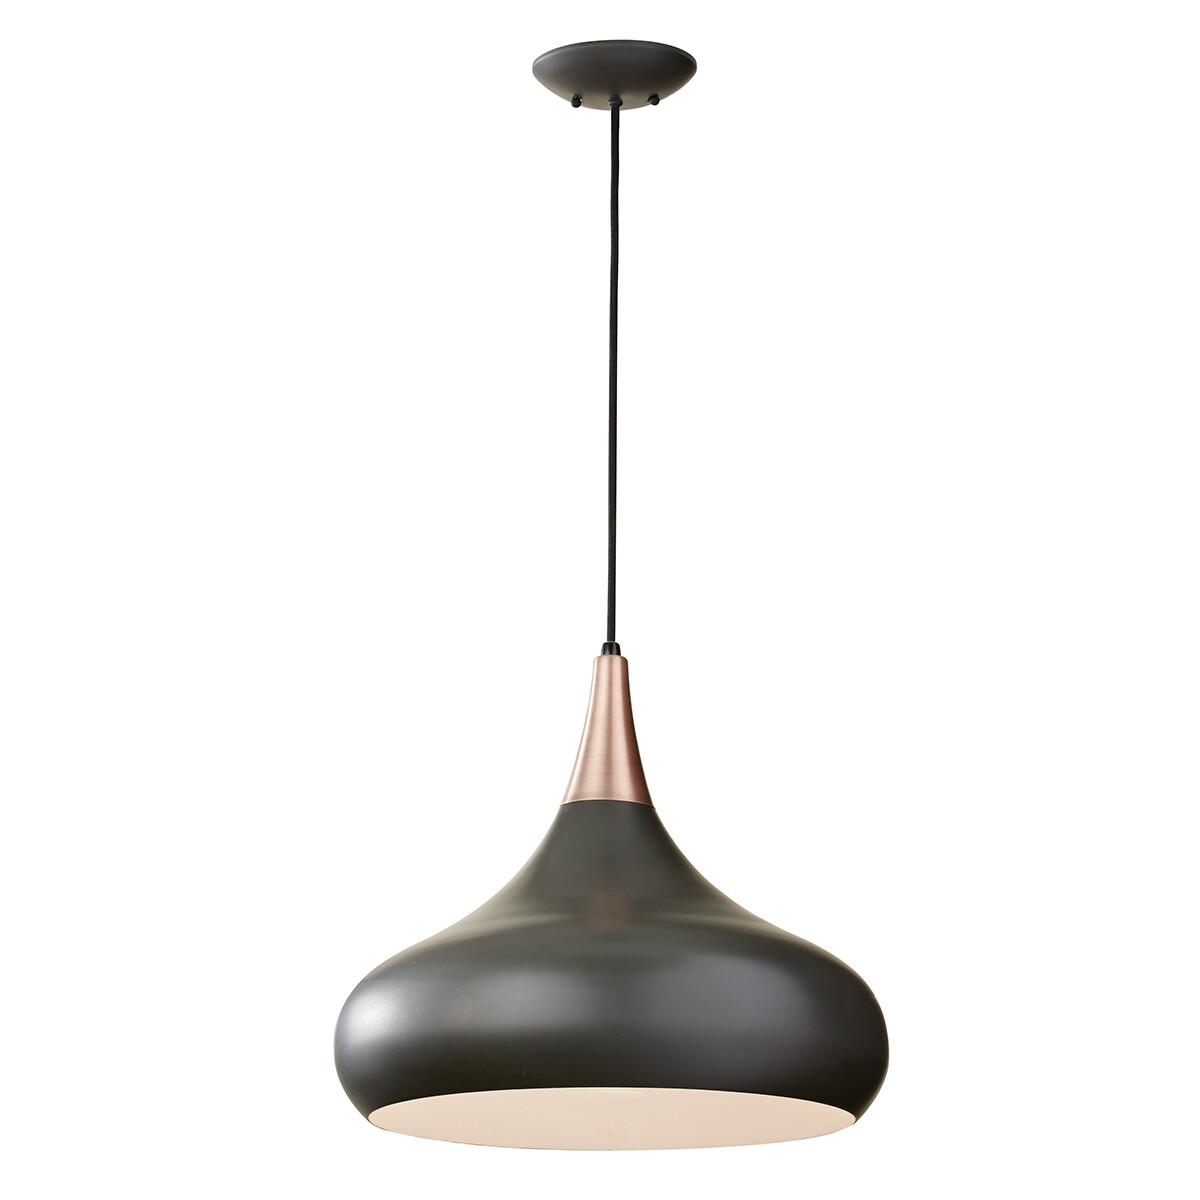 Feiss Beso 1 Light Large Pendant – Dark Bronze